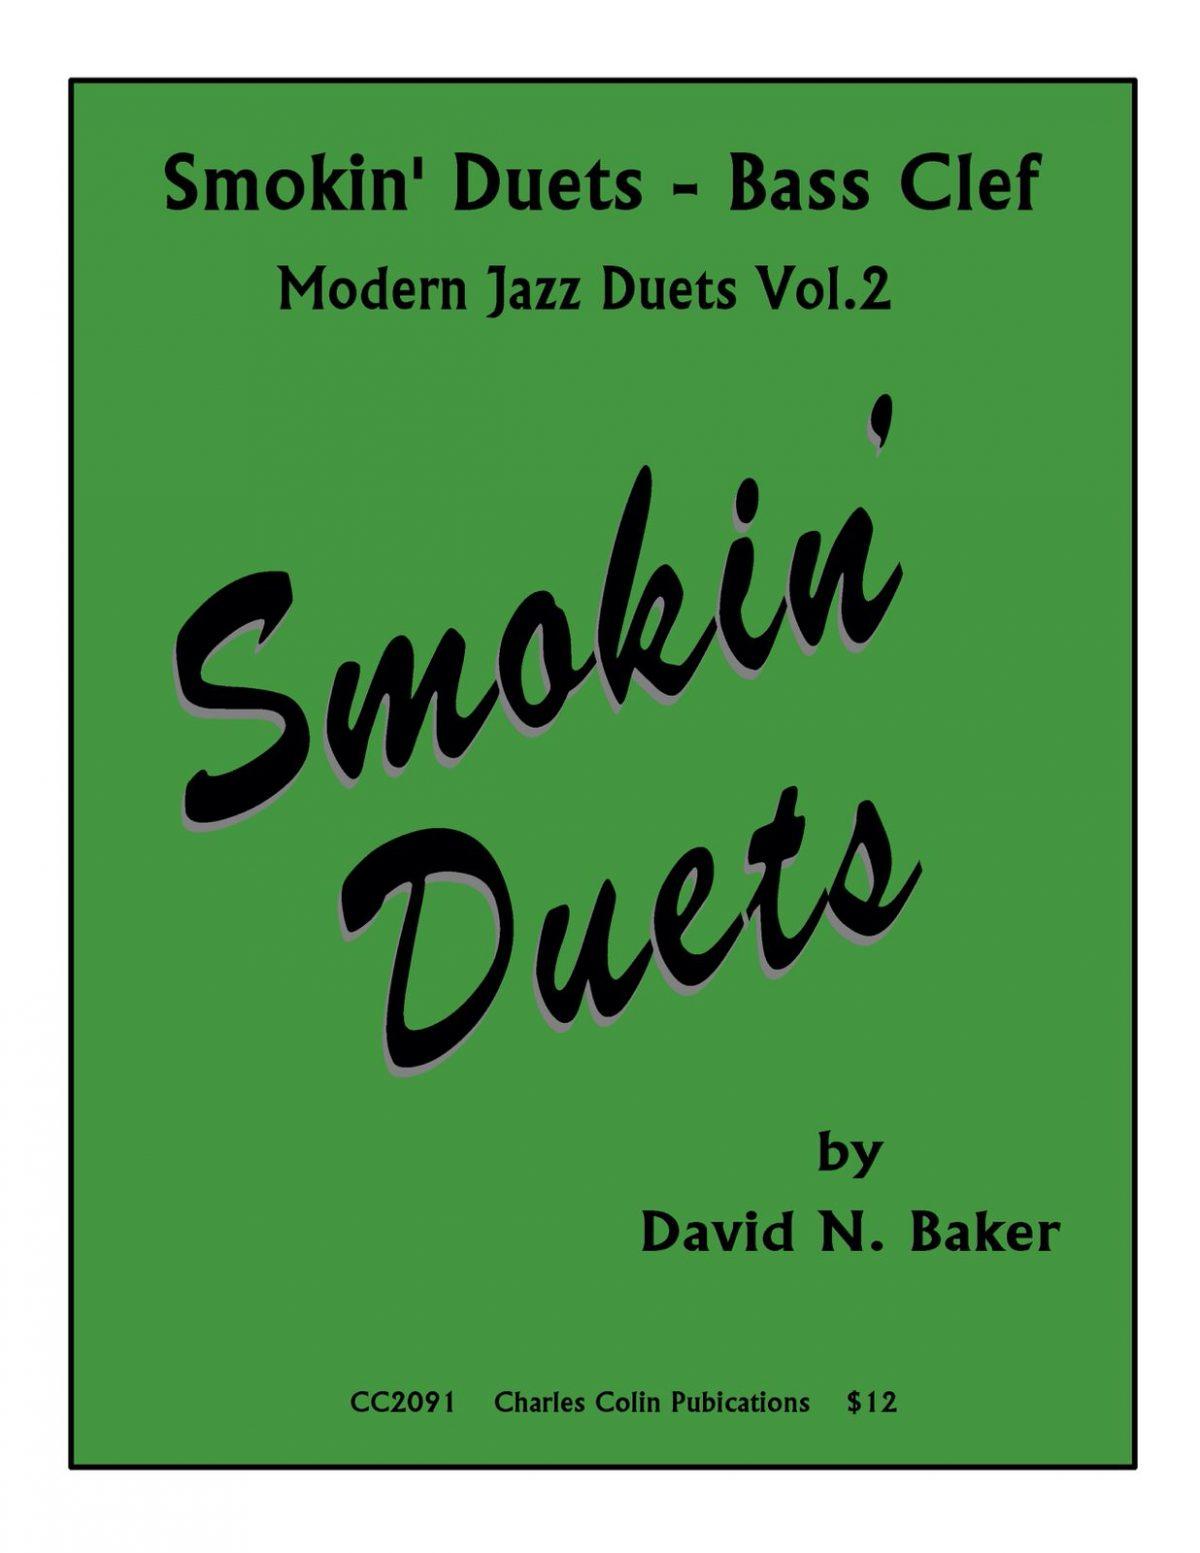 Baker, Smokin' Duets Bass Clef-p01